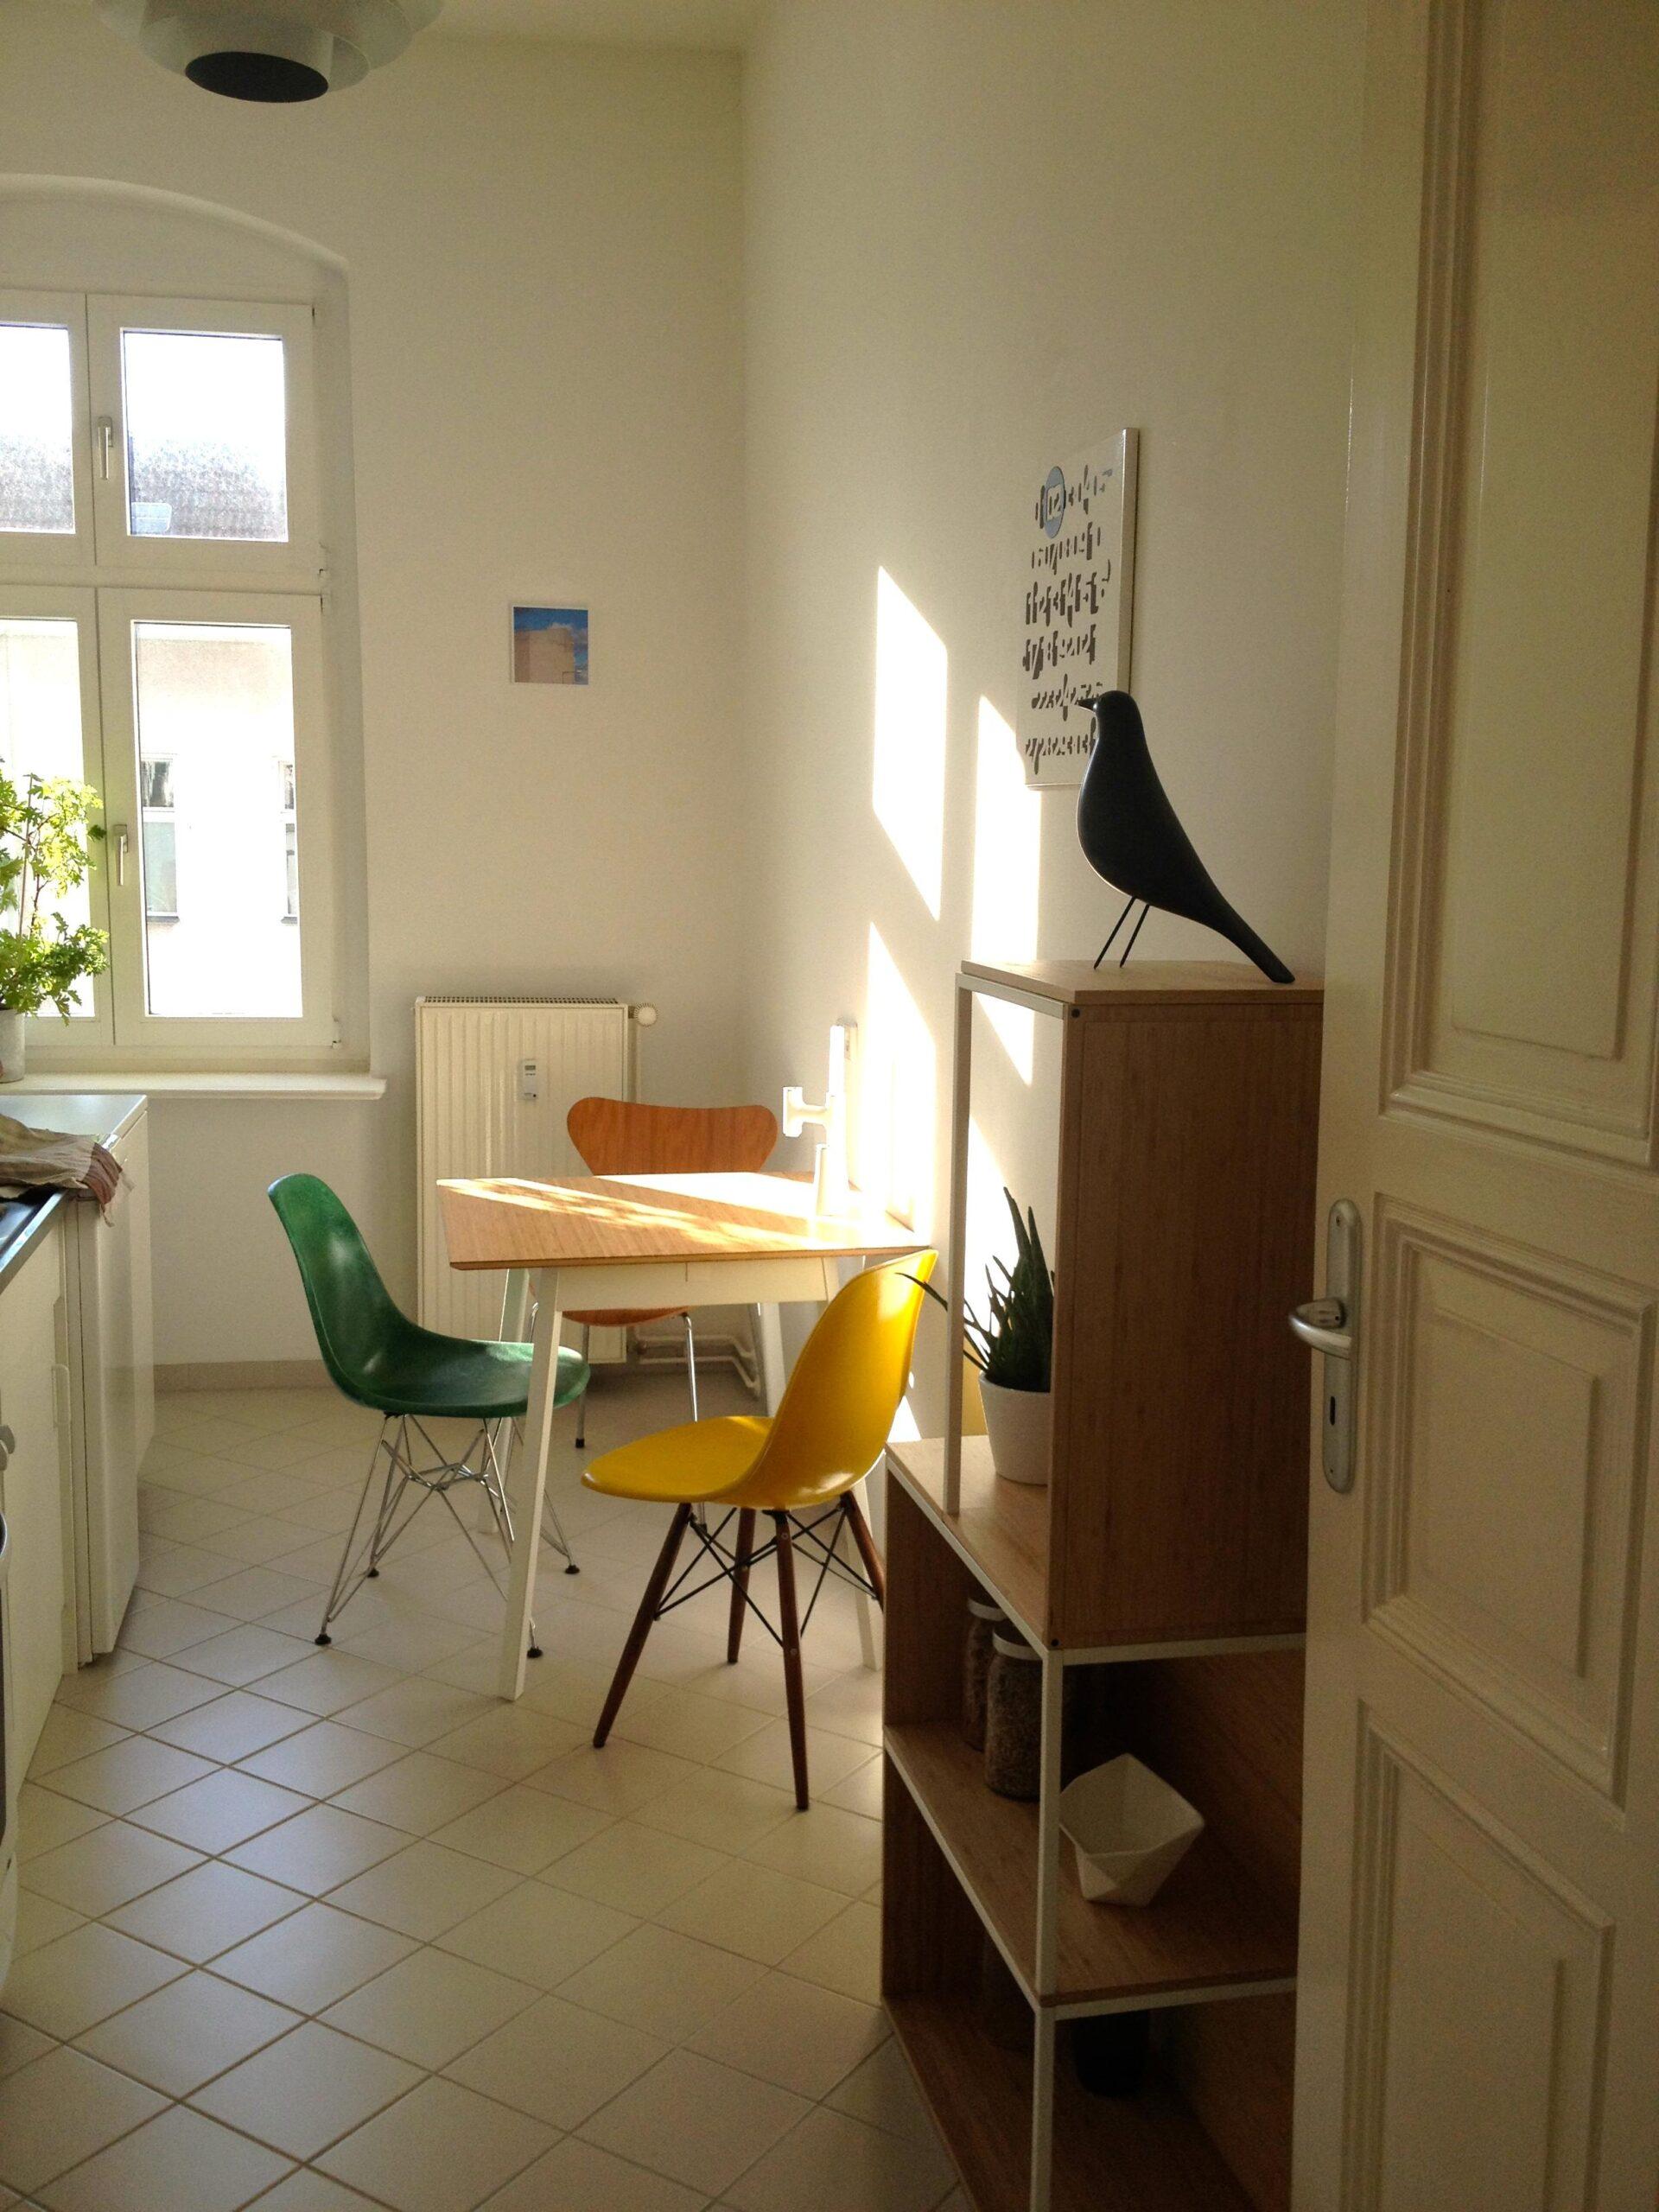 Full Size of Miniküche Ideen Wohnzimmer Tapeten Bad Renovieren Stengel Ikea Mit Kühlschrank Wohnzimmer Miniküche Ideen